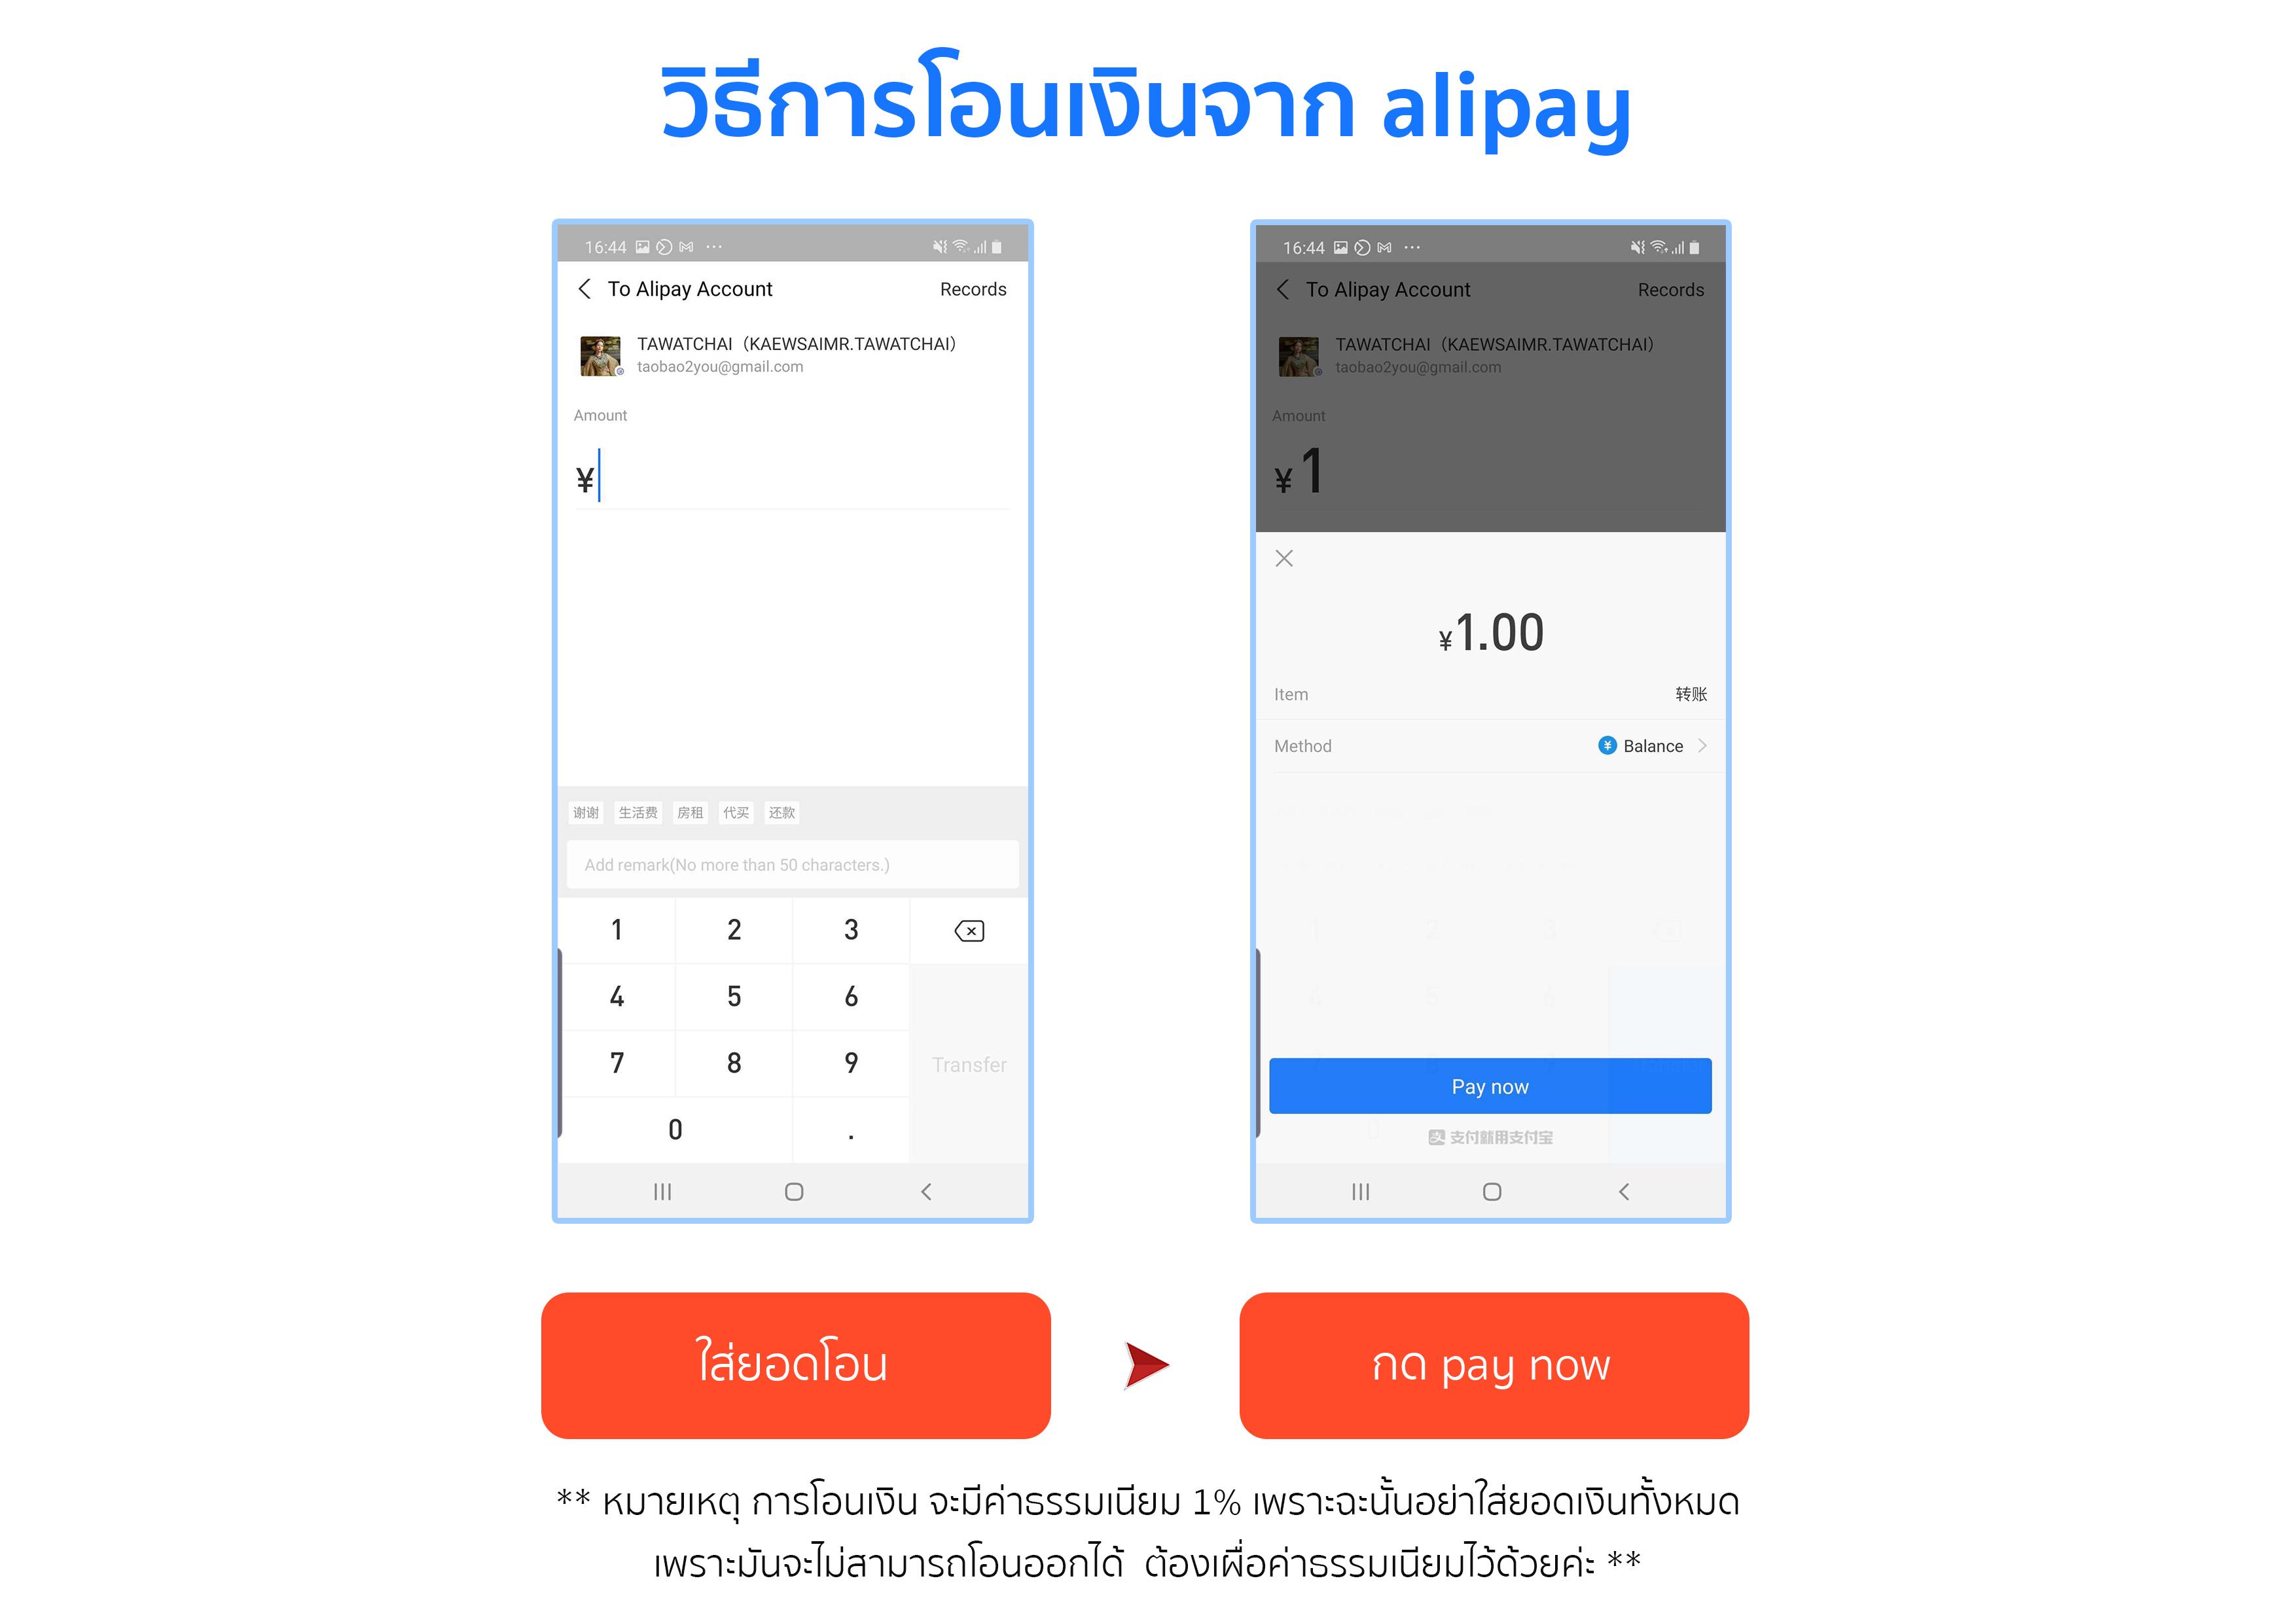 วิธีถอนเงินออกจาก alipay